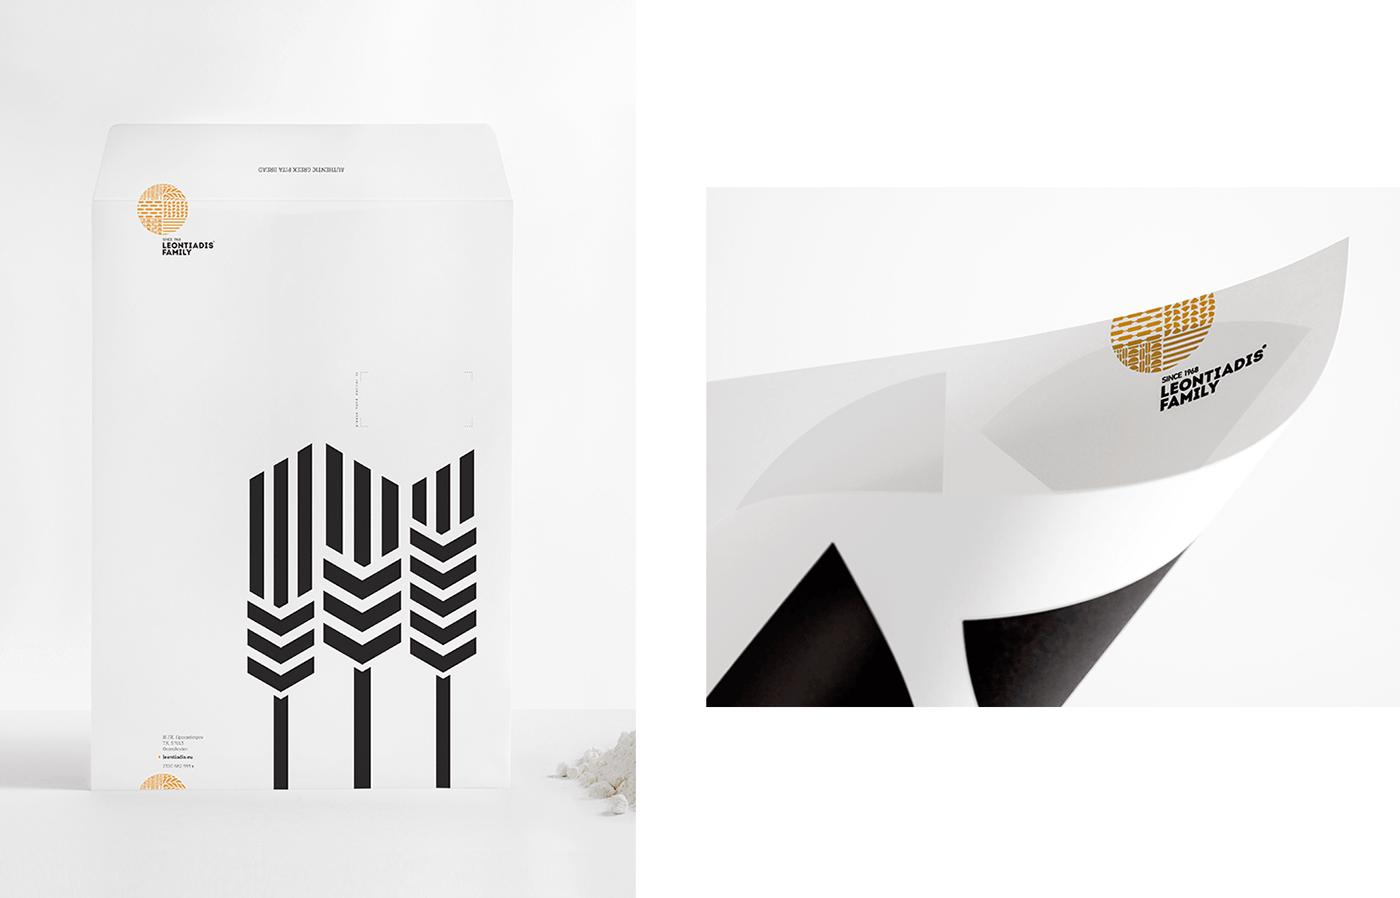 LOGO設計-餐飲管理公司